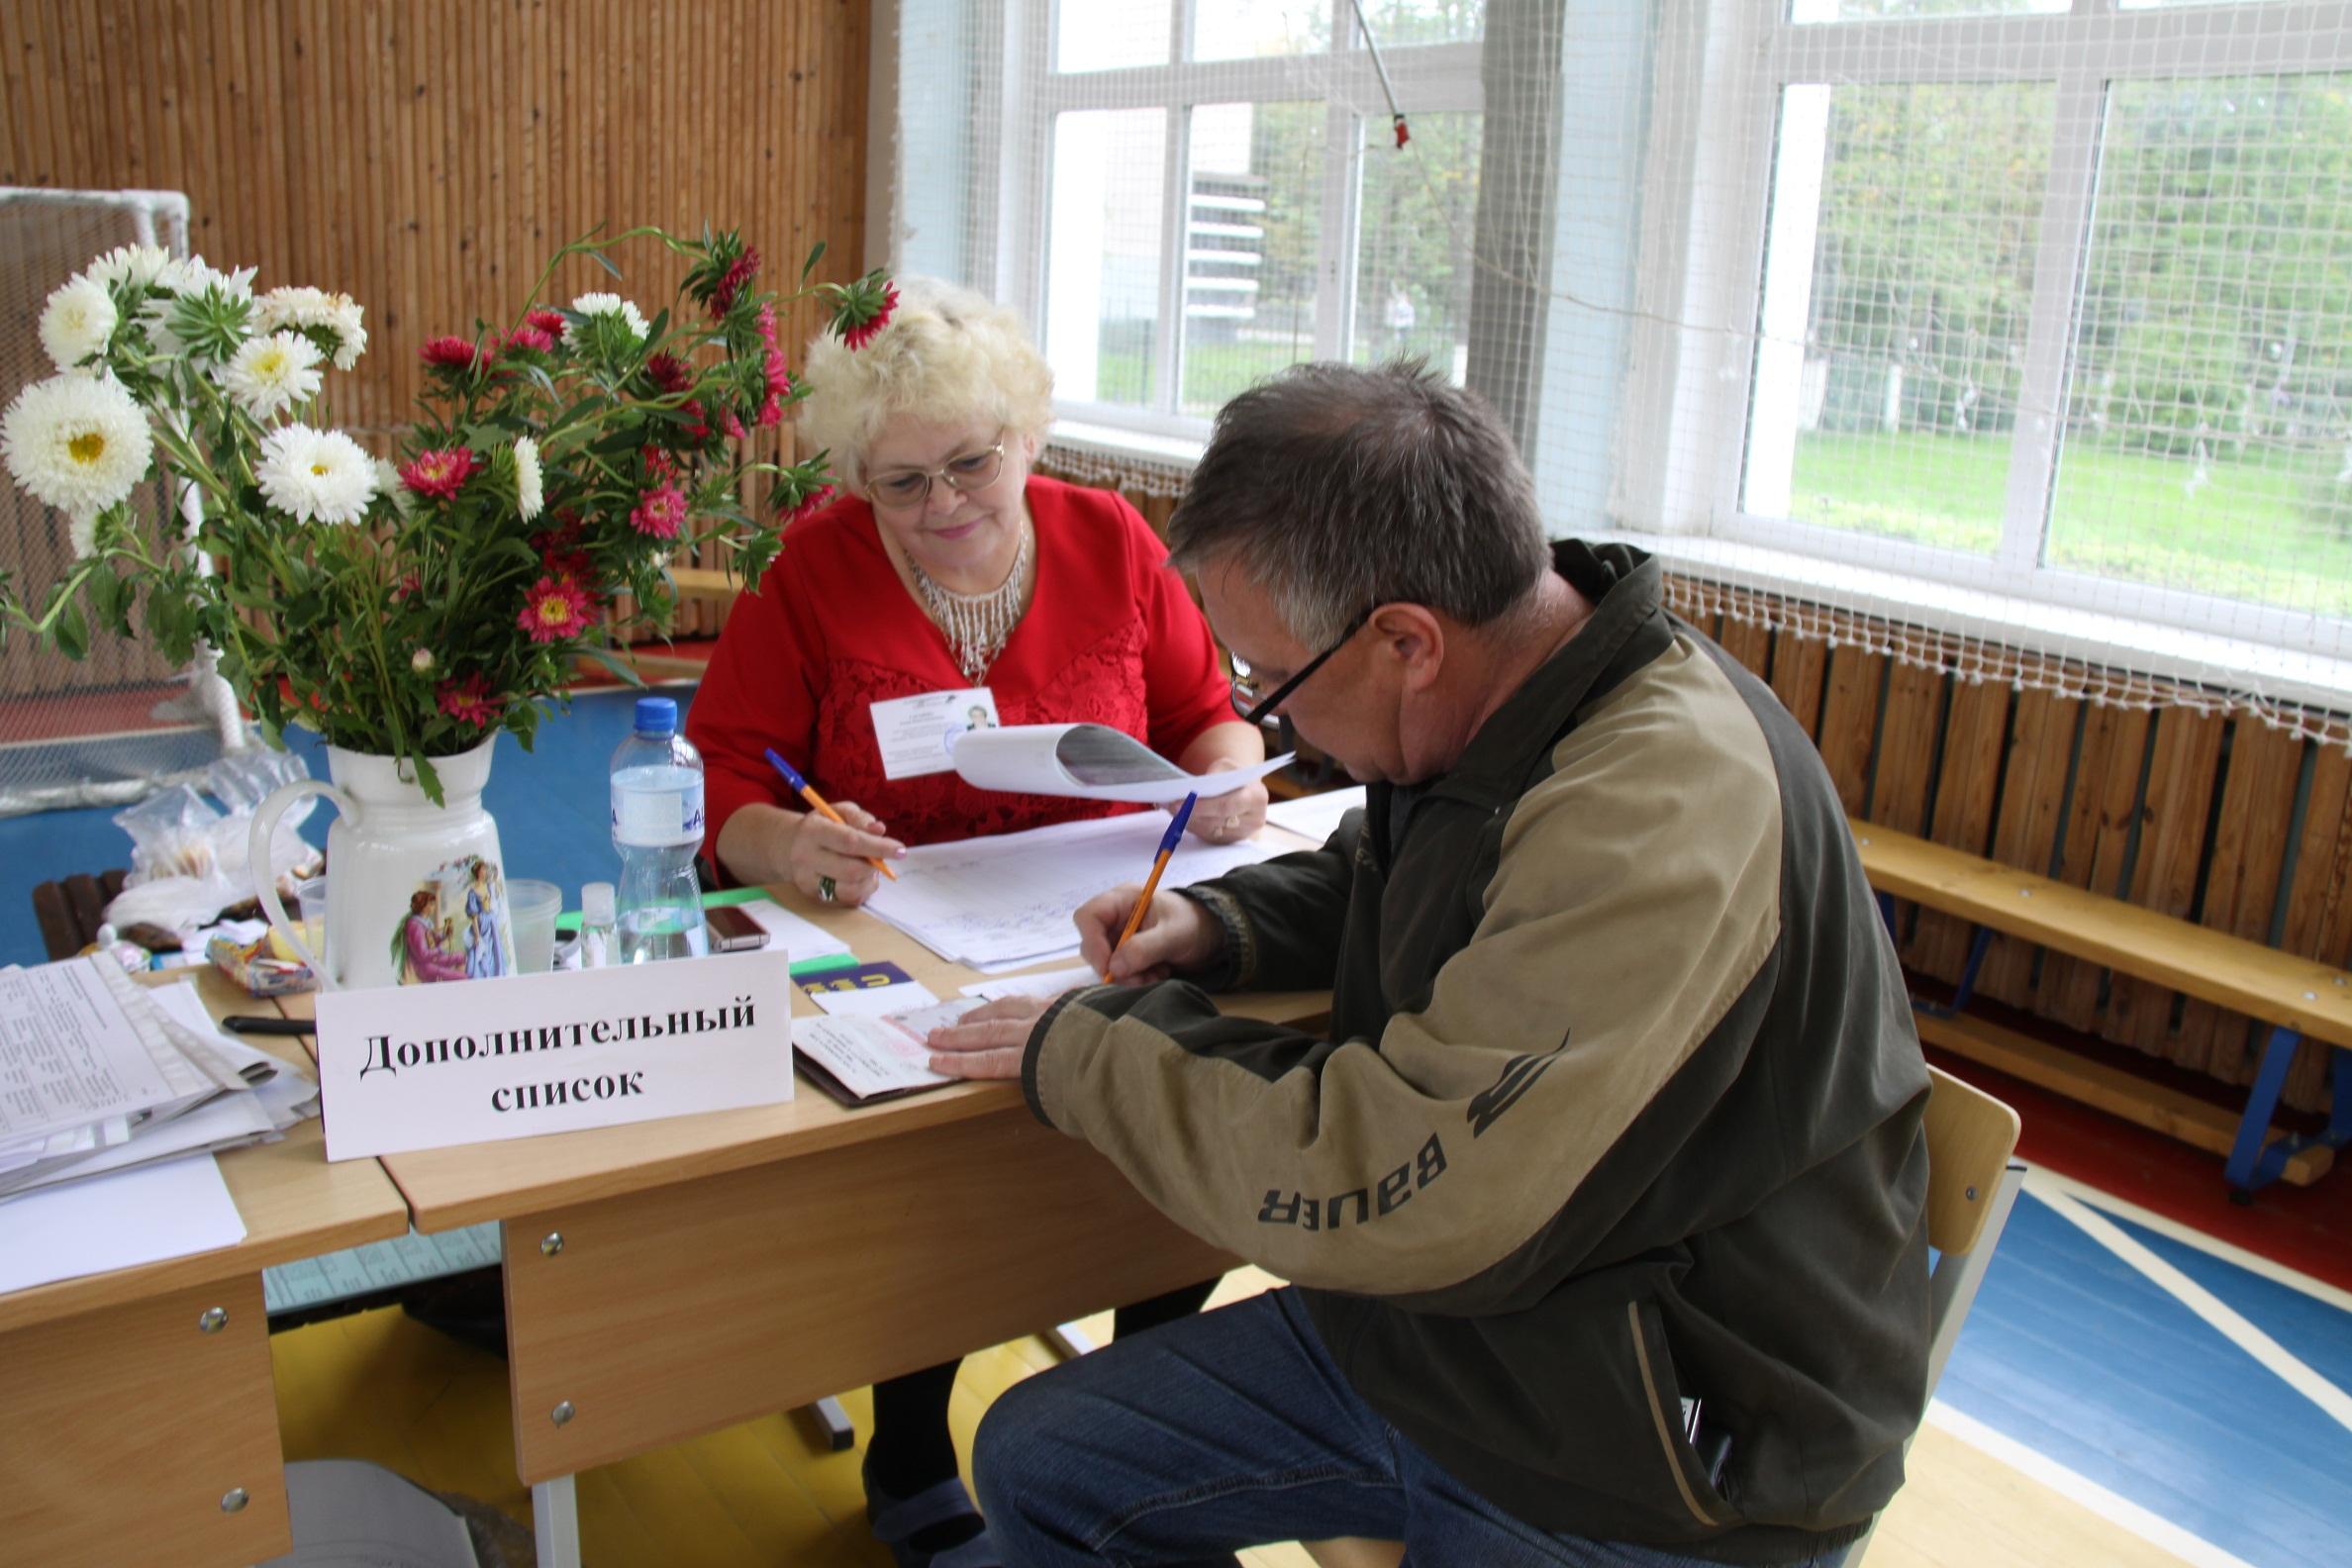 Голосование в г. Приозерске 18 сентября 2016 года